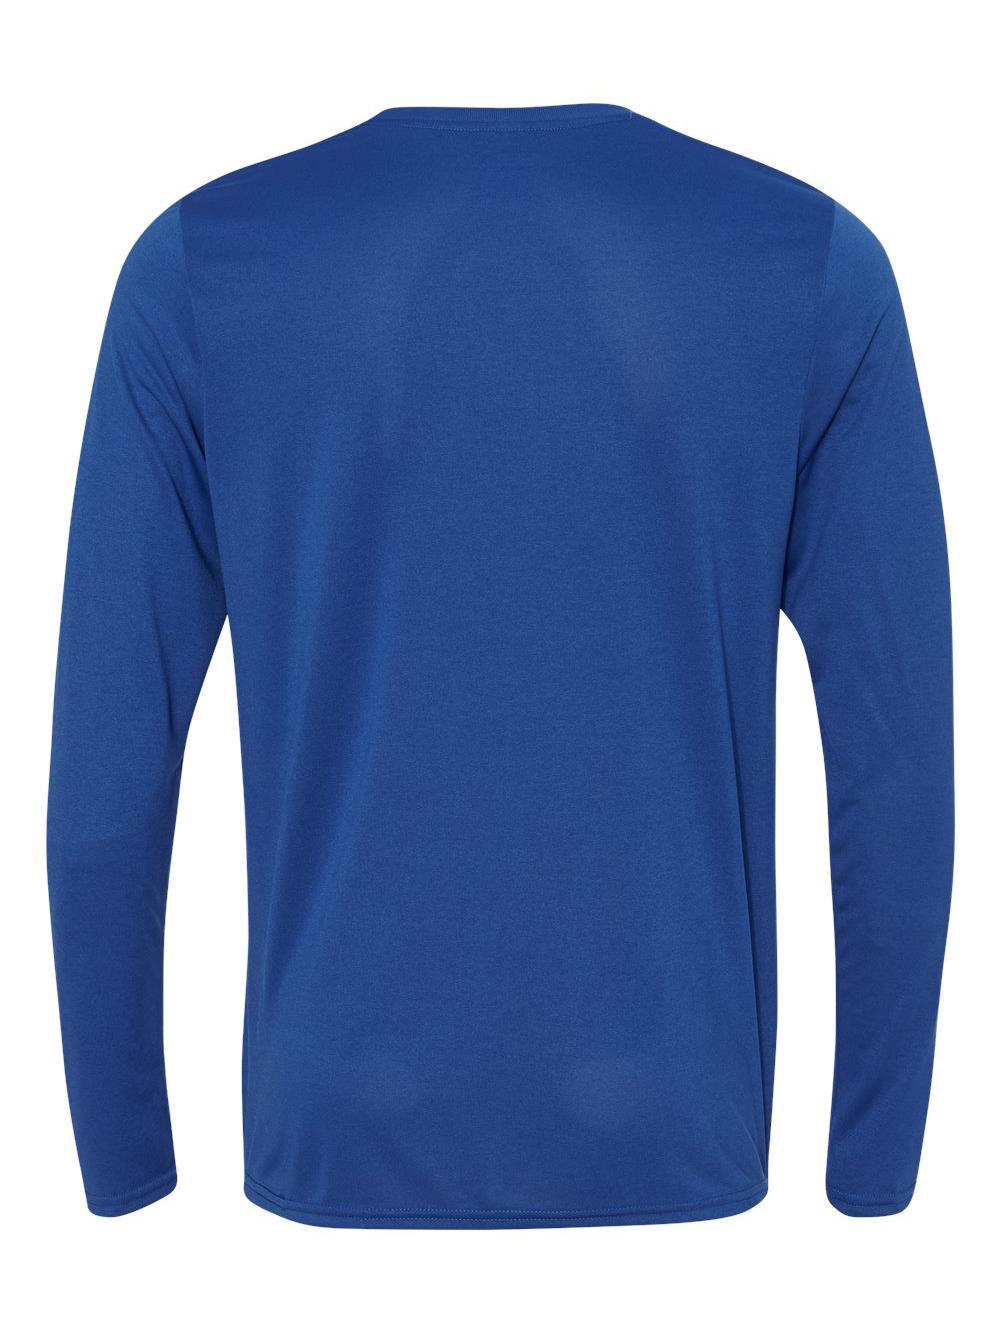 Gildan-Tech-Performance-Long-Sleeve-T-Shirt-47400 miniatura 19